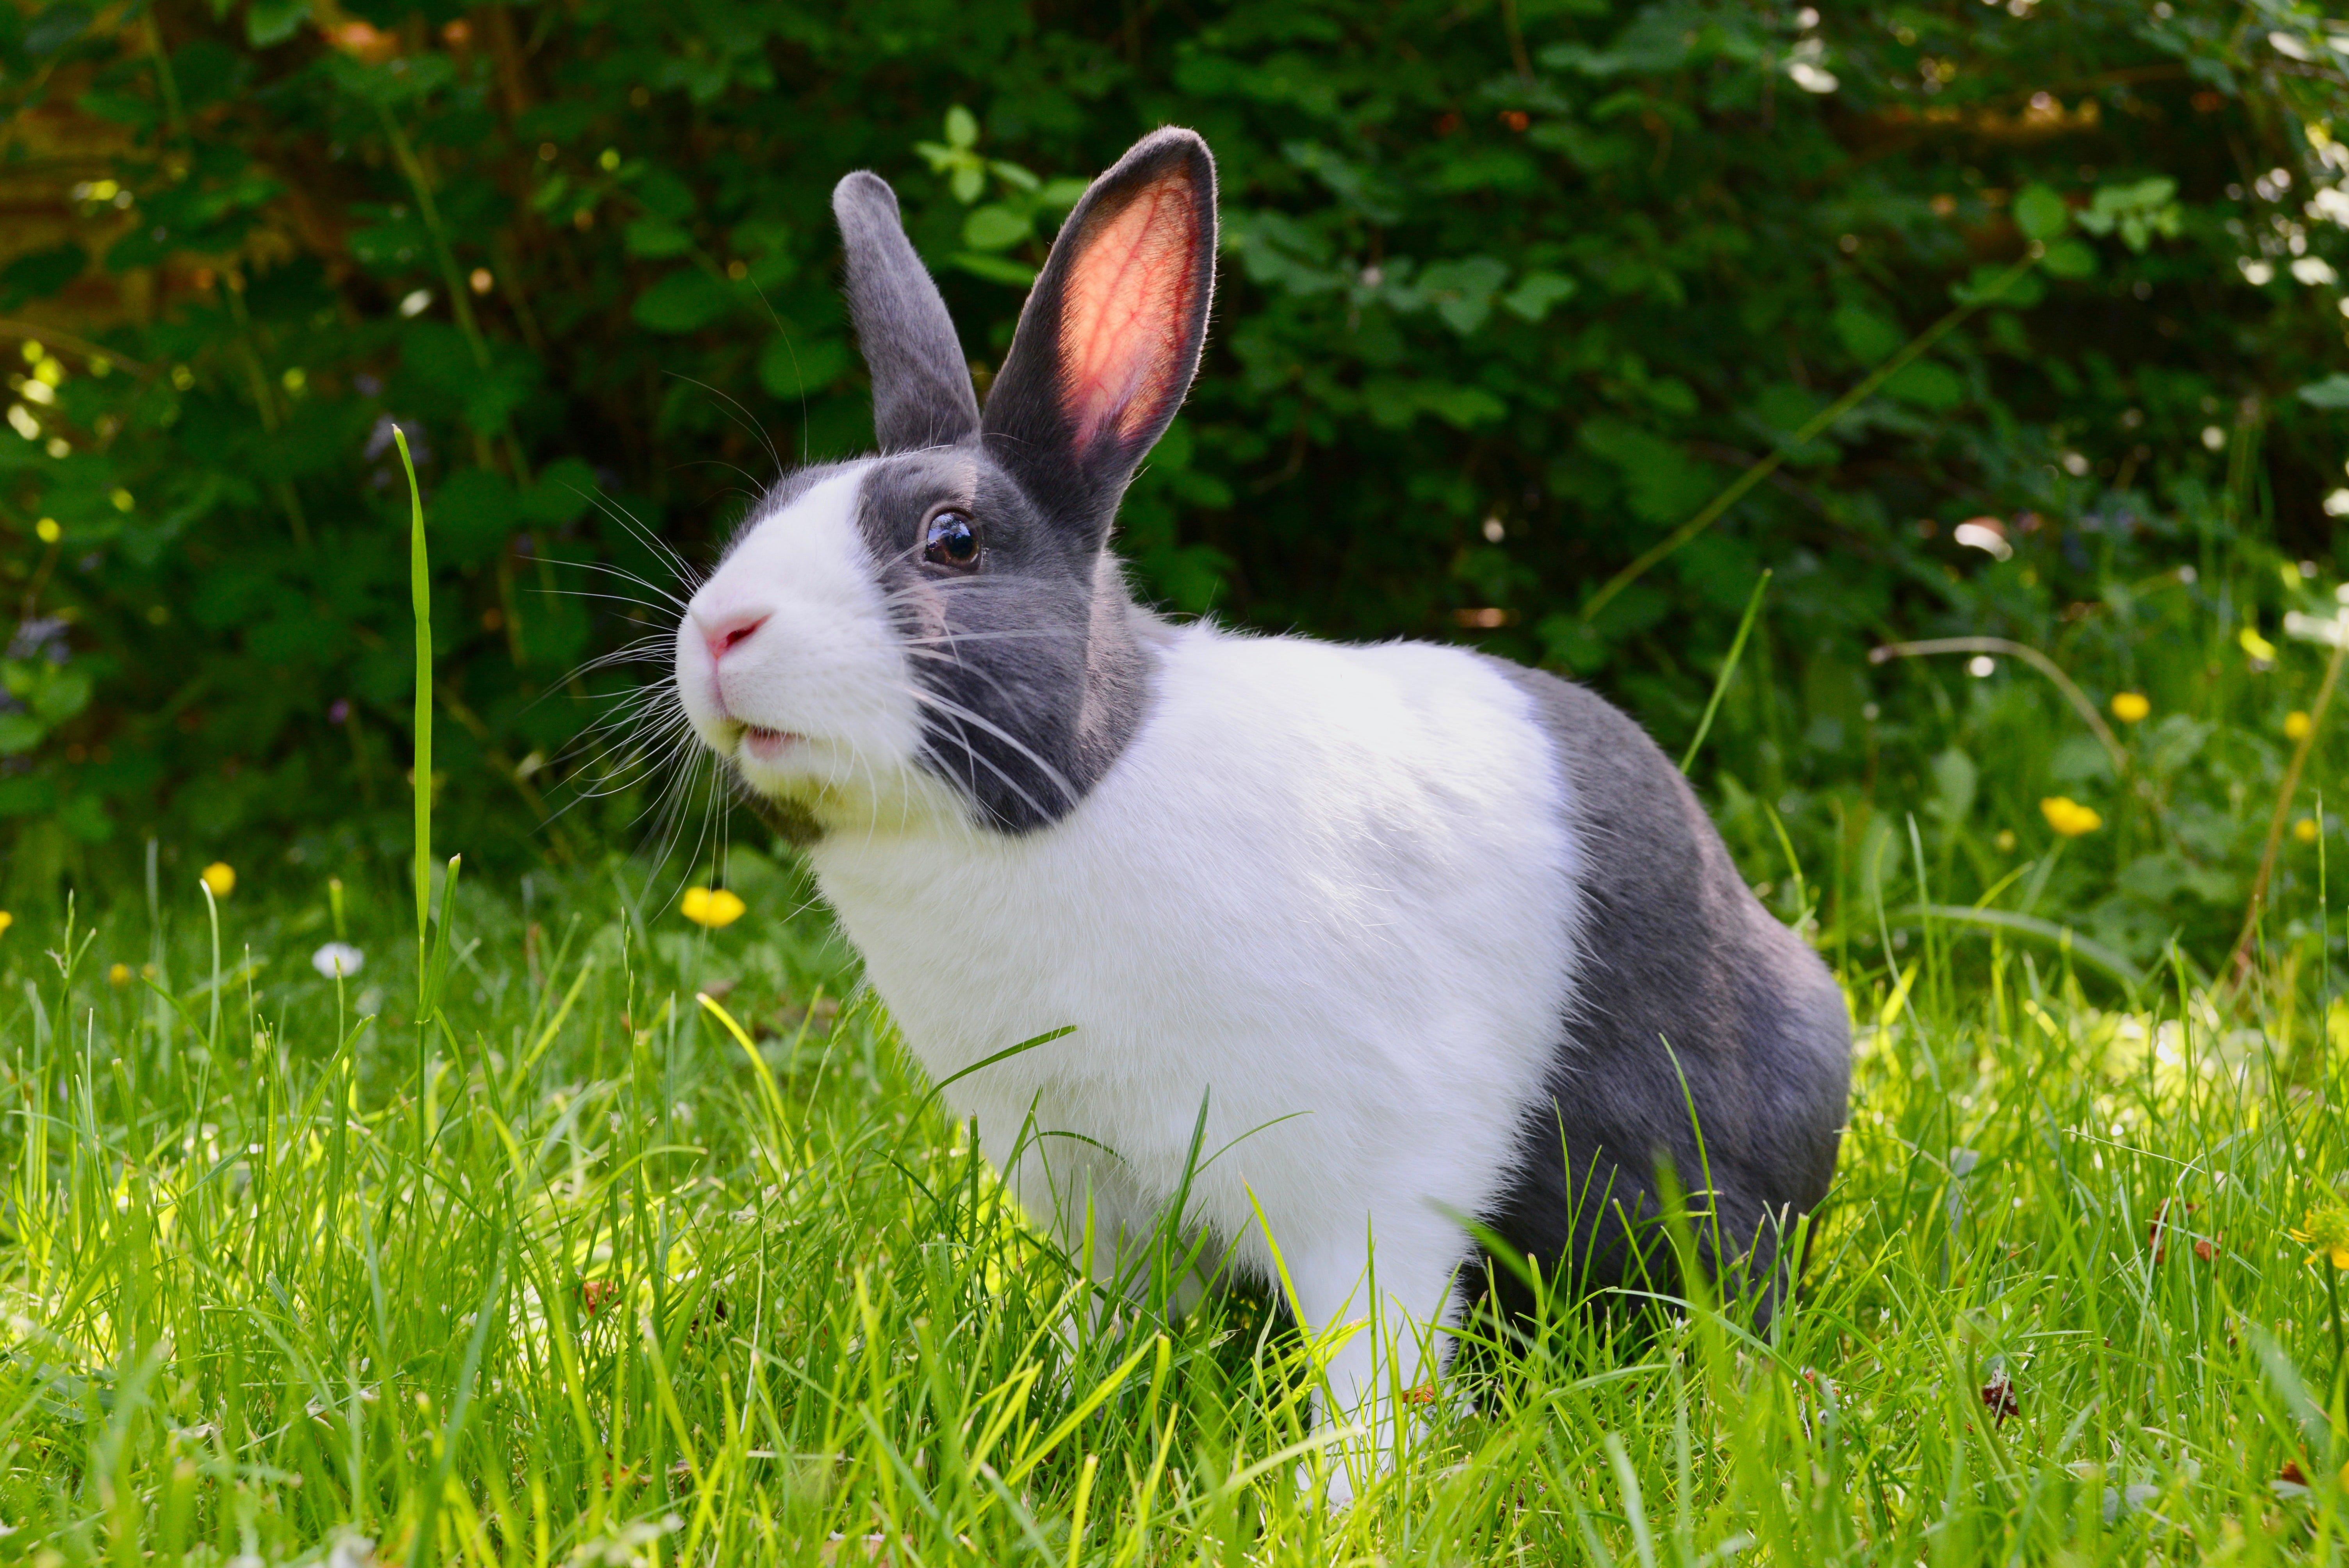 https://f.hubspotusercontent10.net/hubfs/6436018/bunny%20blog.jpg